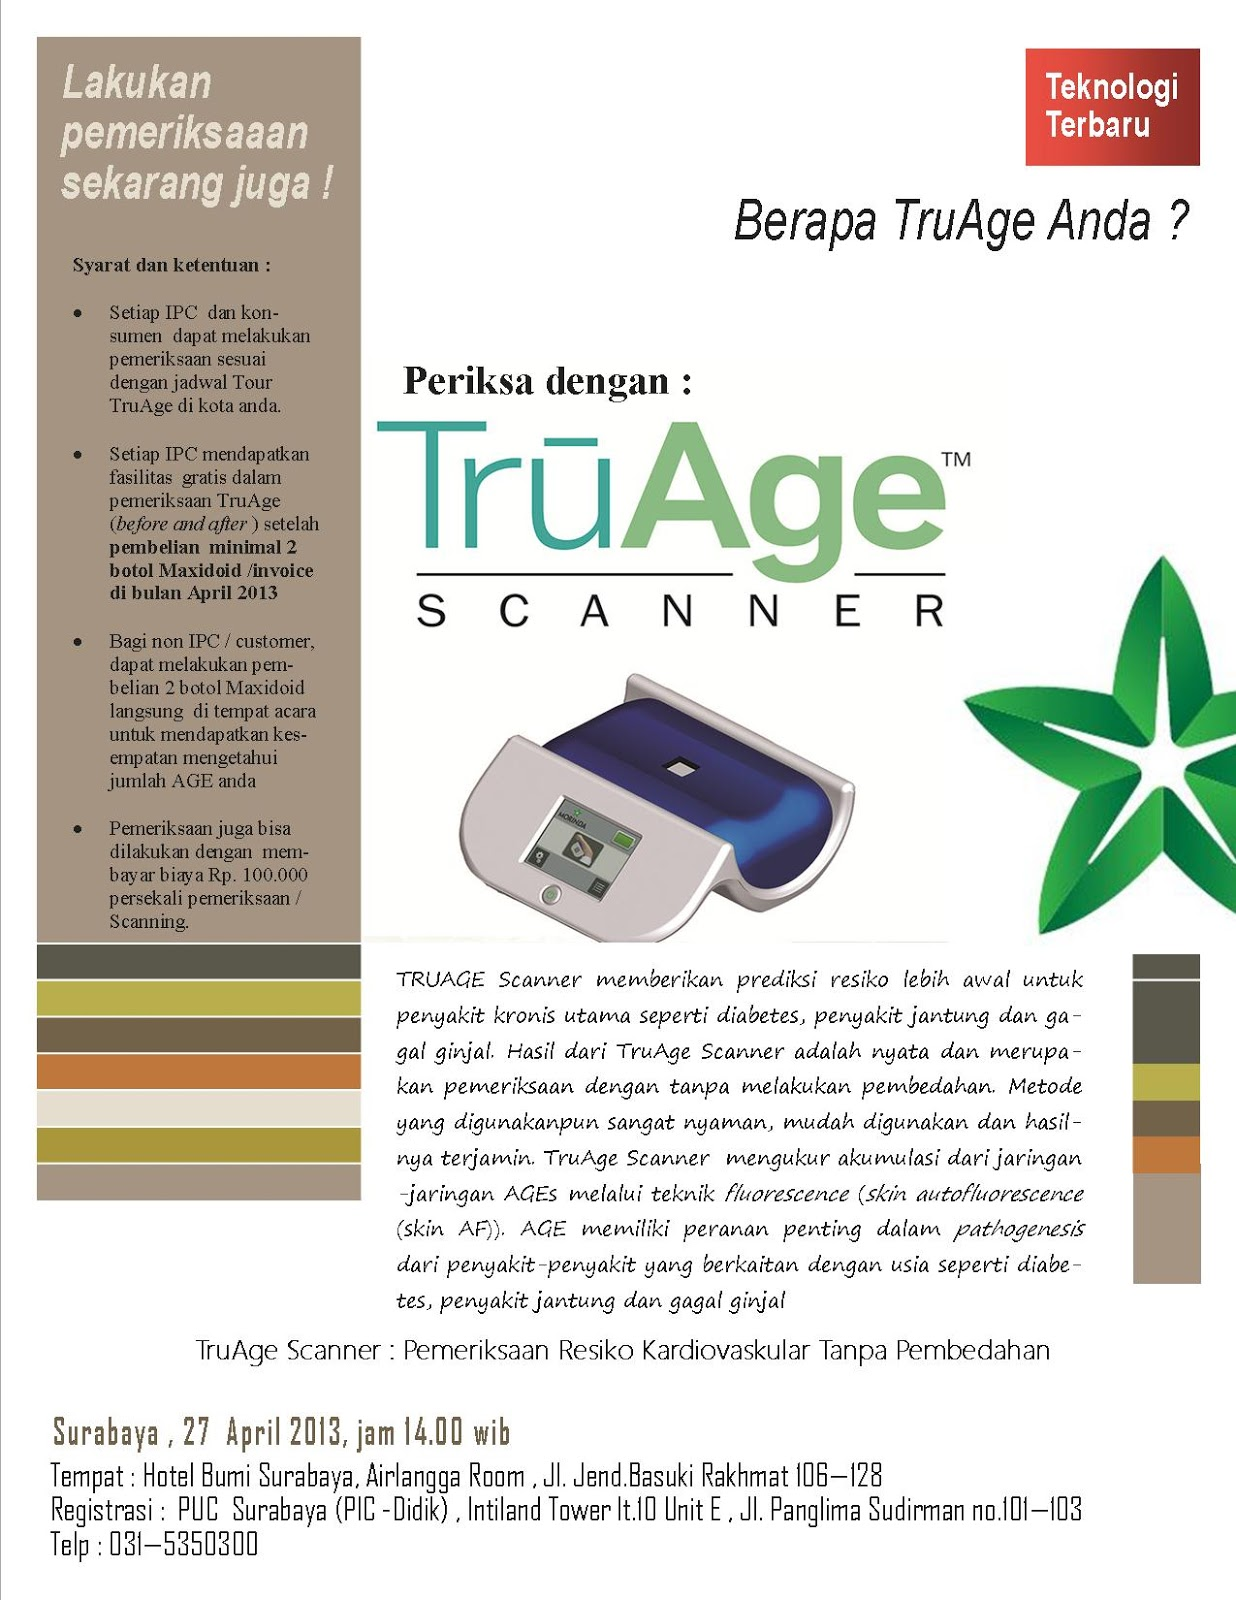 Kantor Tahitian Noni Surabaya Hp Wa O8213oo11945 Alamat 1 Botol Com Yakni Dengan Menghadirkan Sebuah Temuan Baru Untuk Mengukur Usia Tubuh Anda Yang Sebenarnya Tru Age Scanner